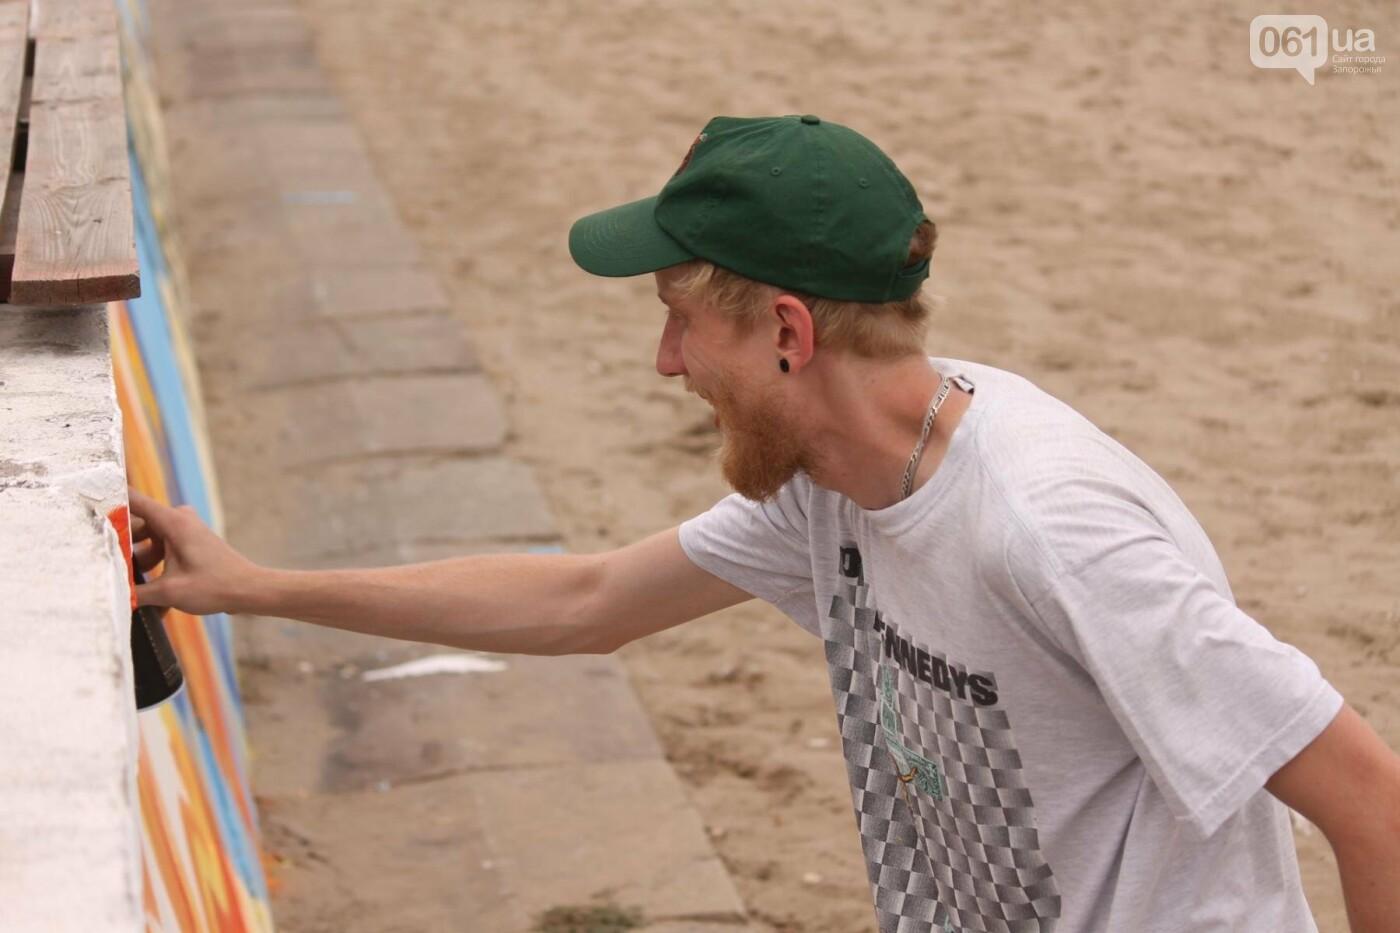 В Запорожье на пляже закончился фестиваль граффити: разрисовали 150 метров бетонной стены, – ФОТОРЕПОРТАЖ, фото-25